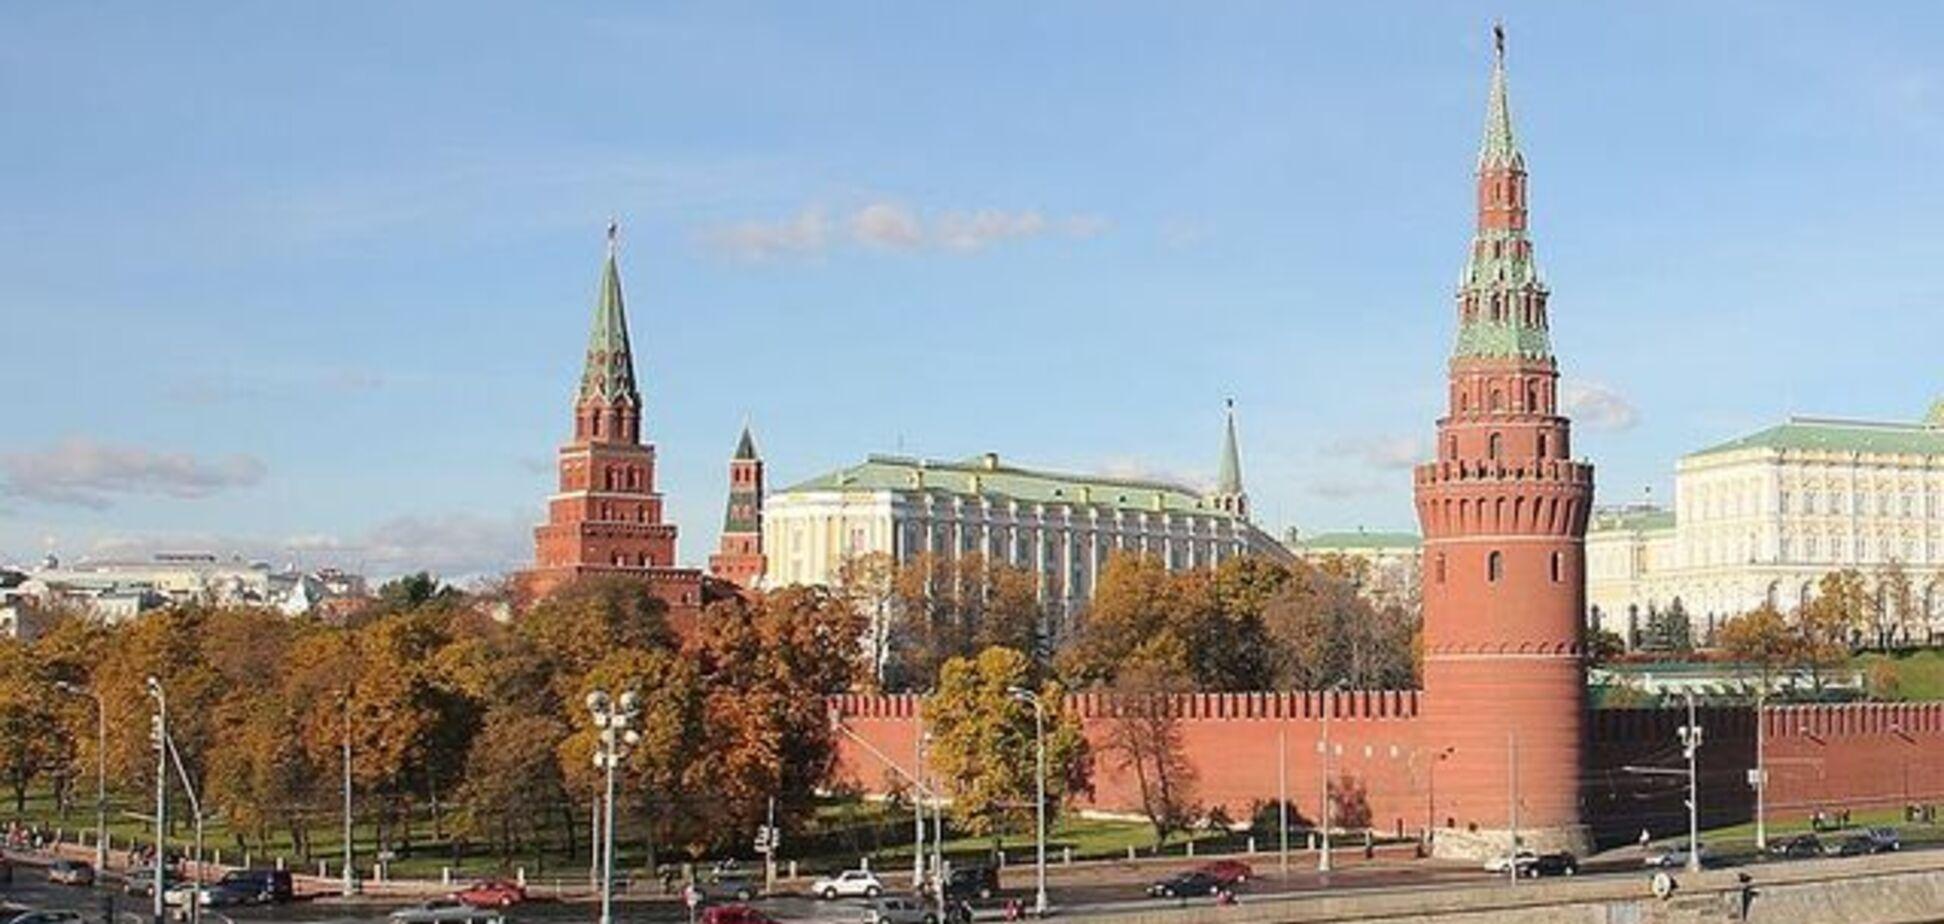 'Это уже началось': известный историк назвал сценарий краха режима Путина в России